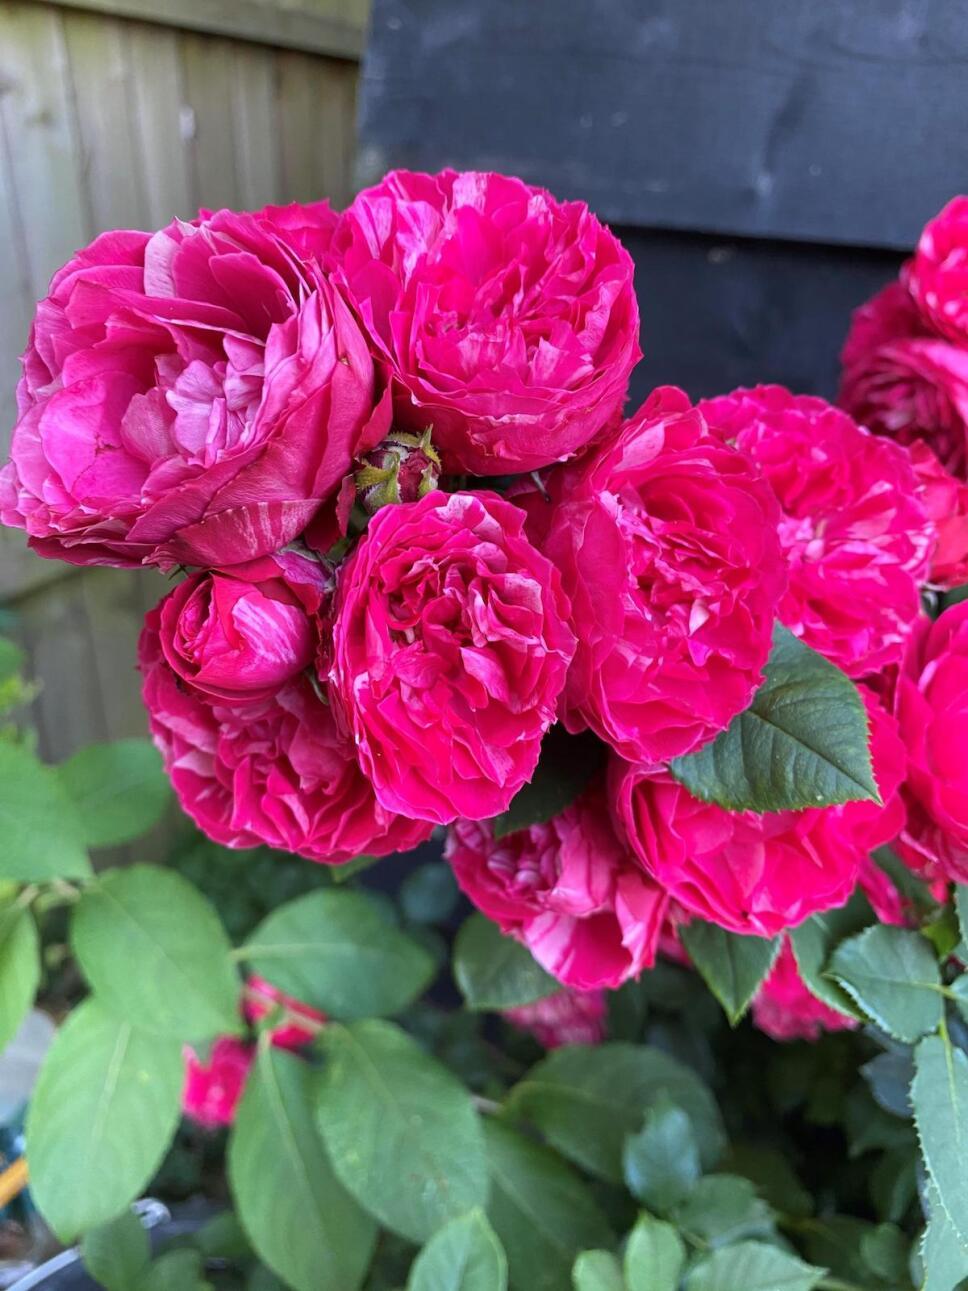 ramo-rosas-duque-de-edimurgo-felipe.jpeg